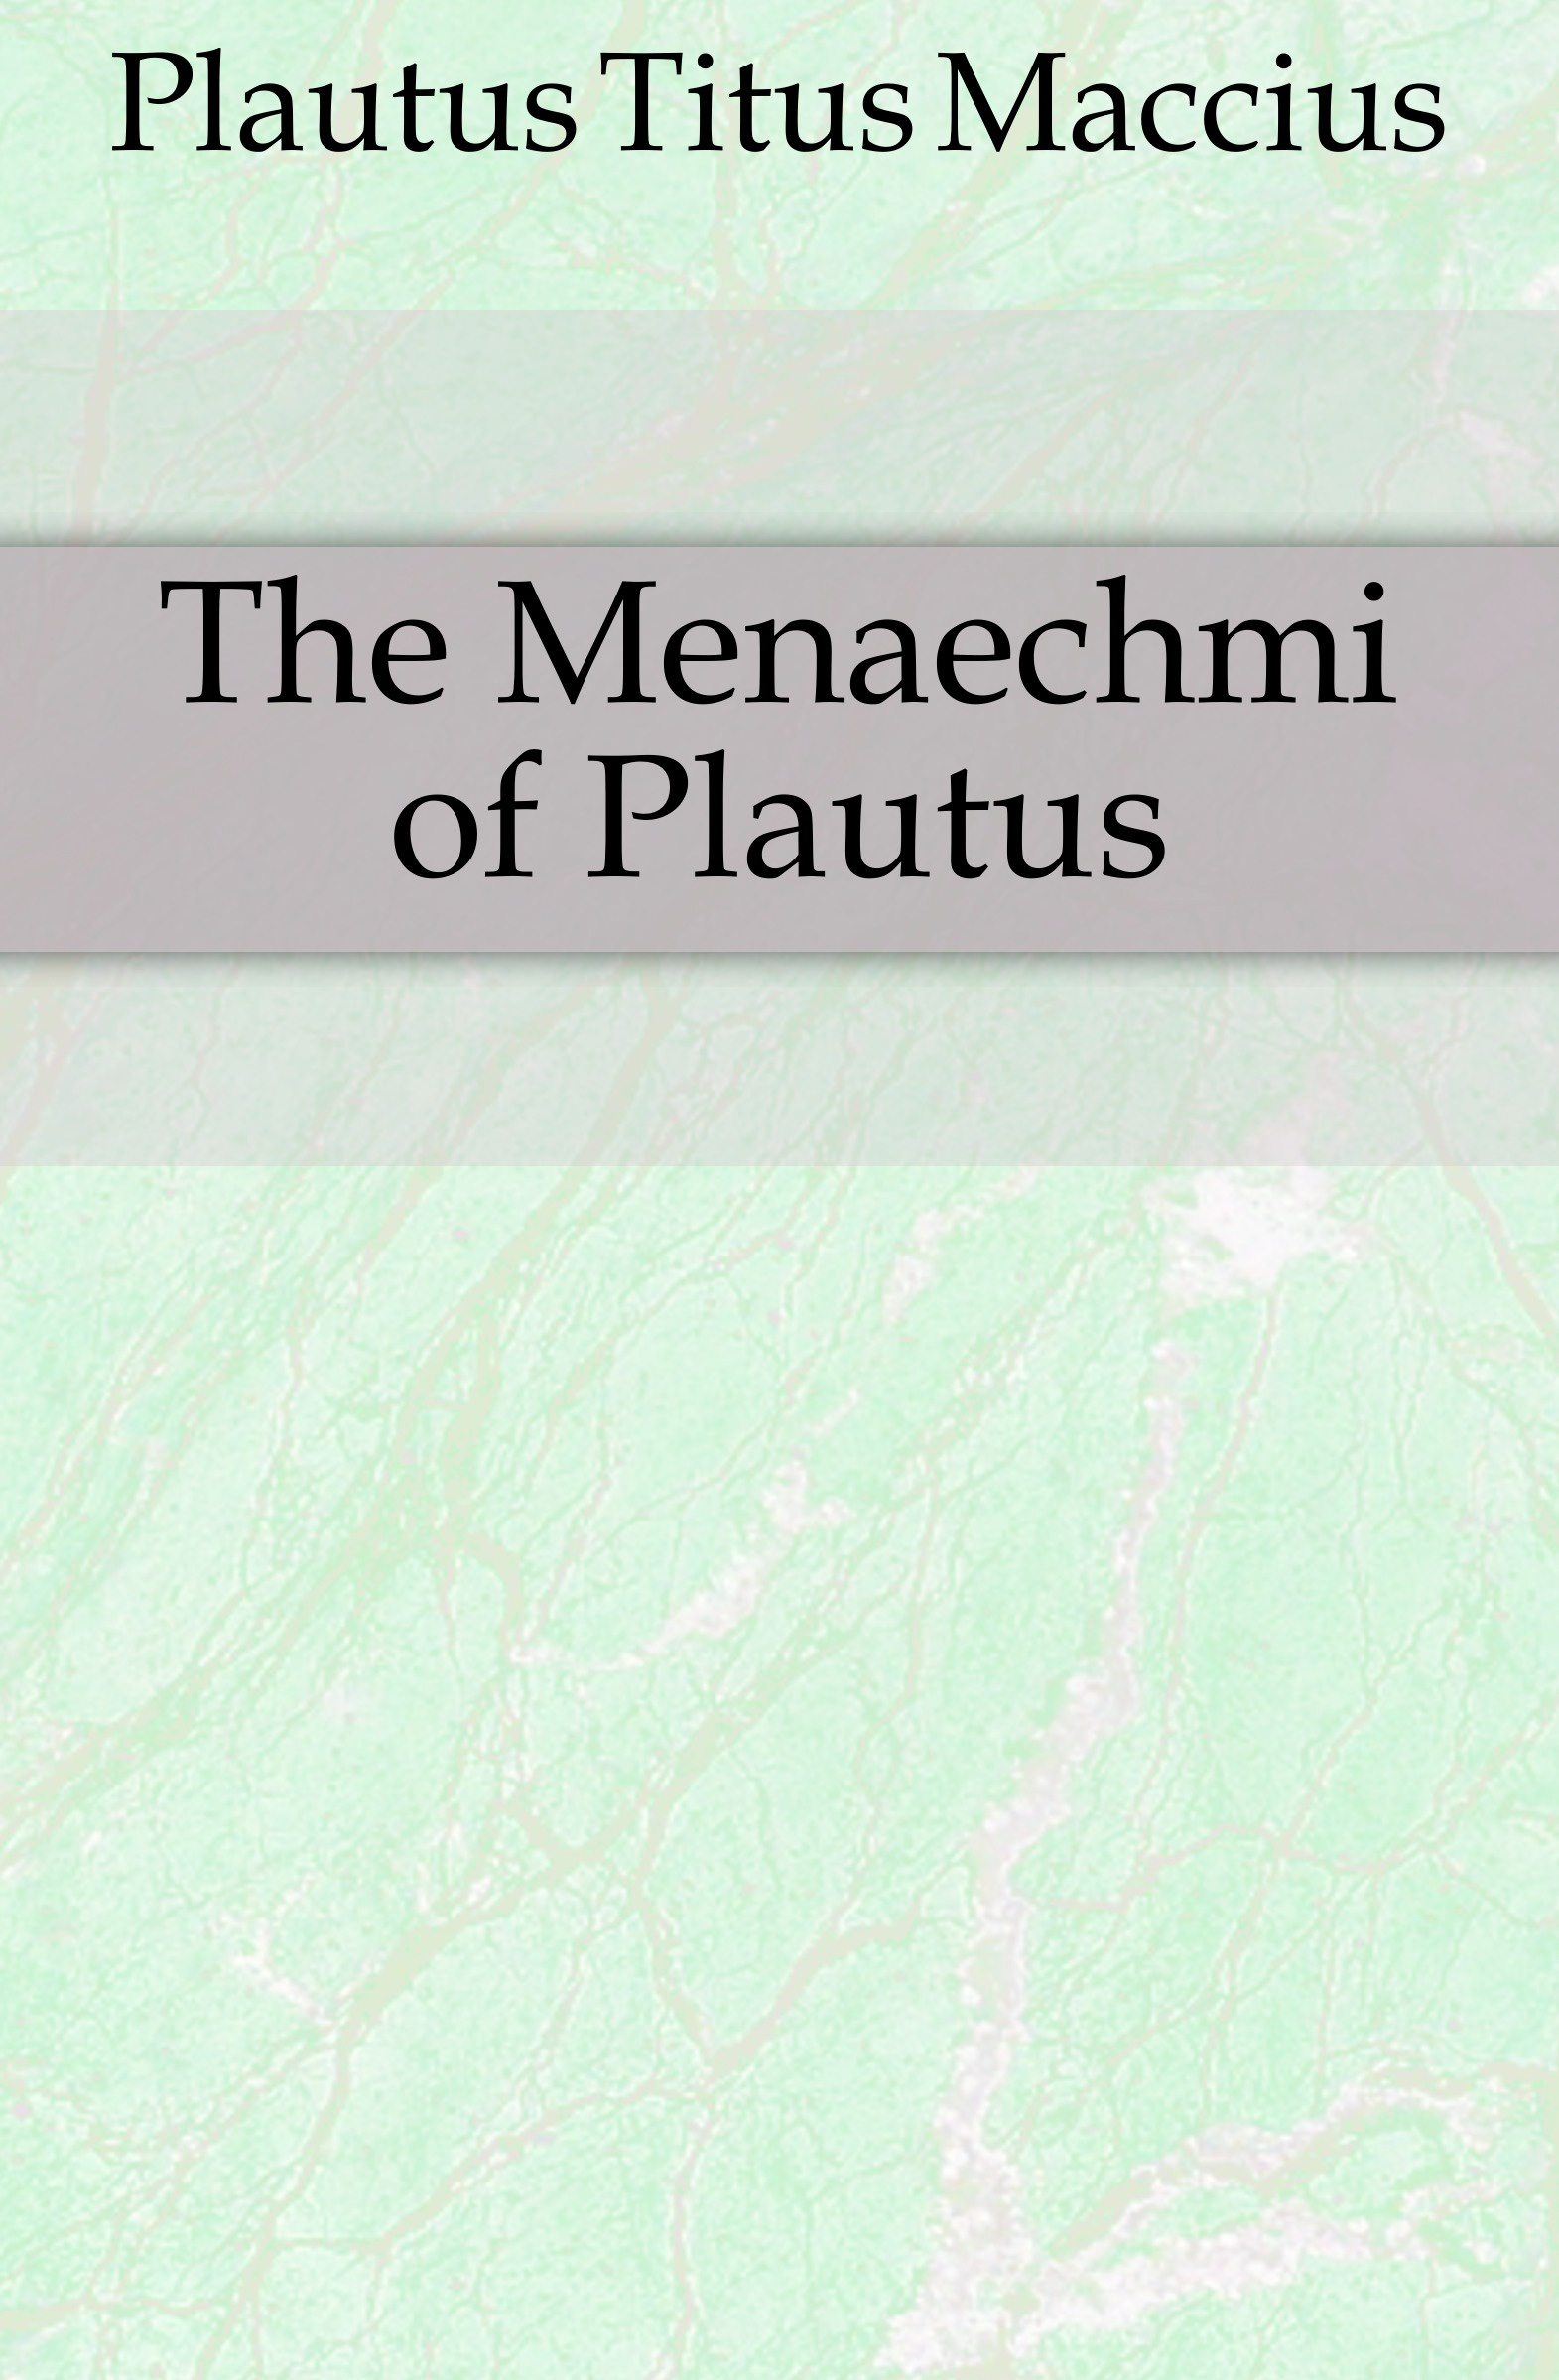 Titus Maccius Plautus The Menaechmi of Plautus t maccius plautus oder m accius plautus eine abhandlung